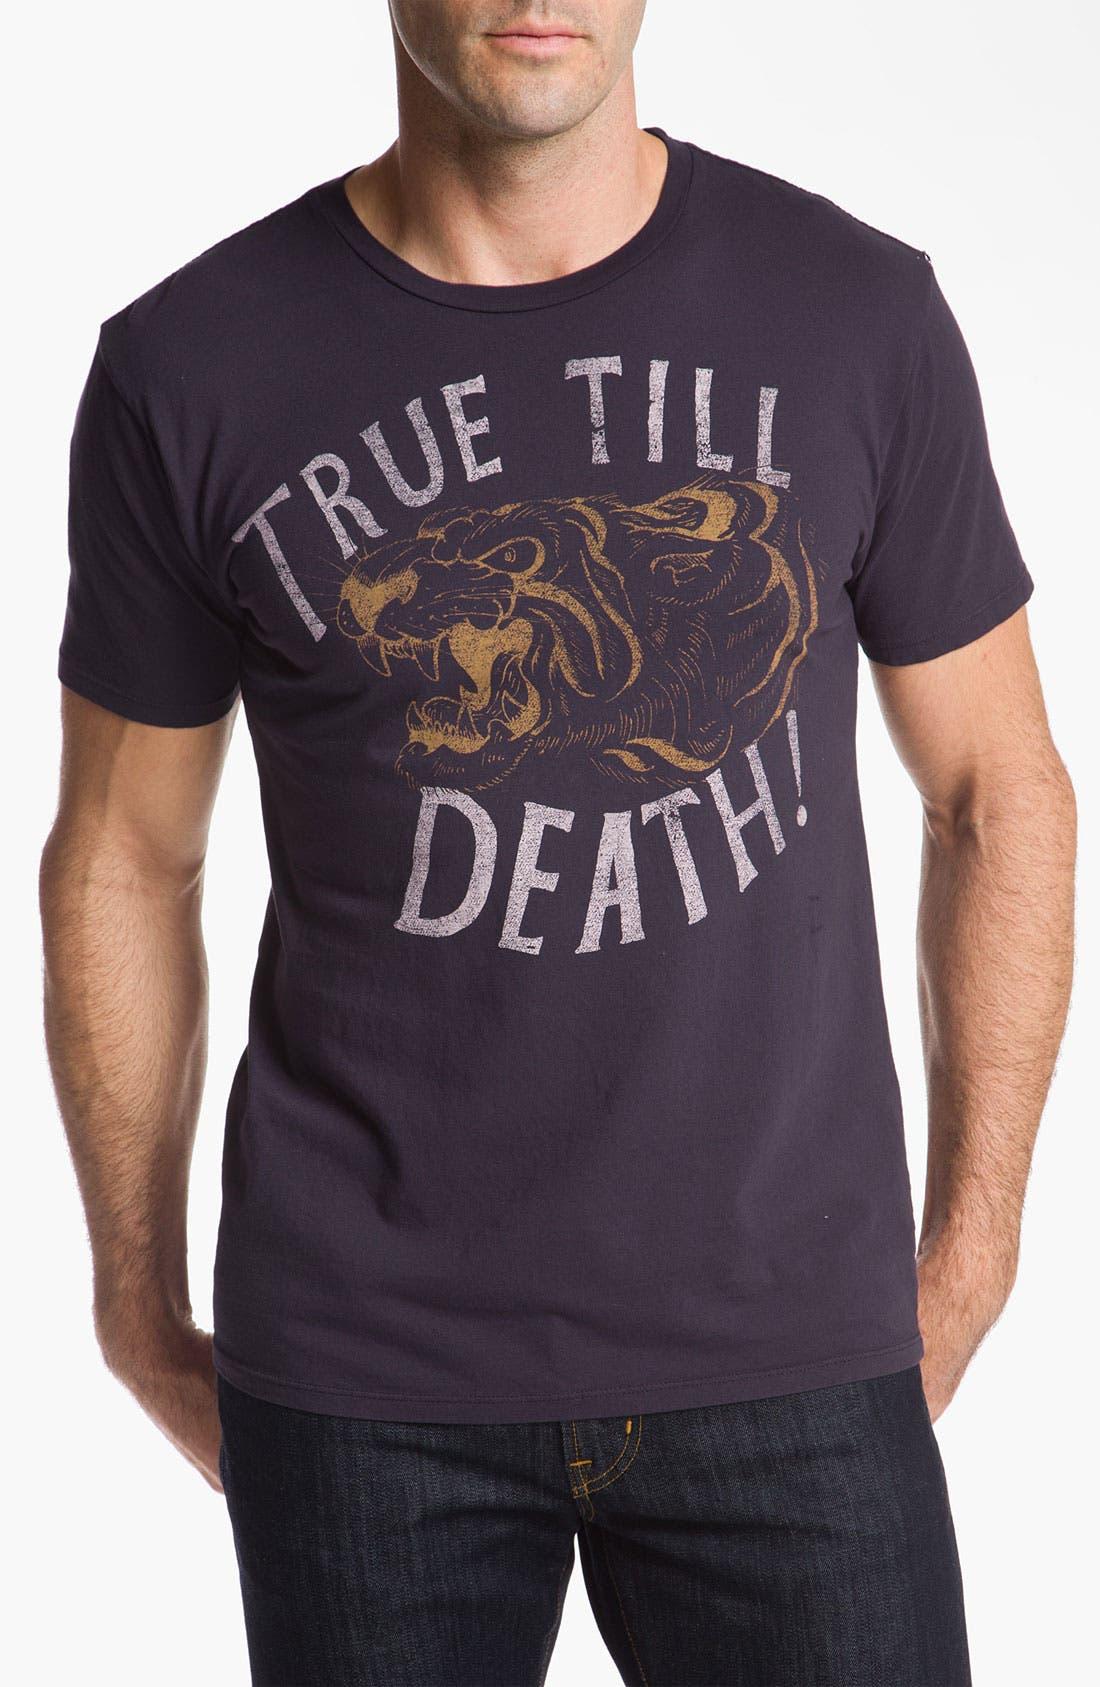 Main Image - CXXVI 'True 'Till Death' T-Shirt